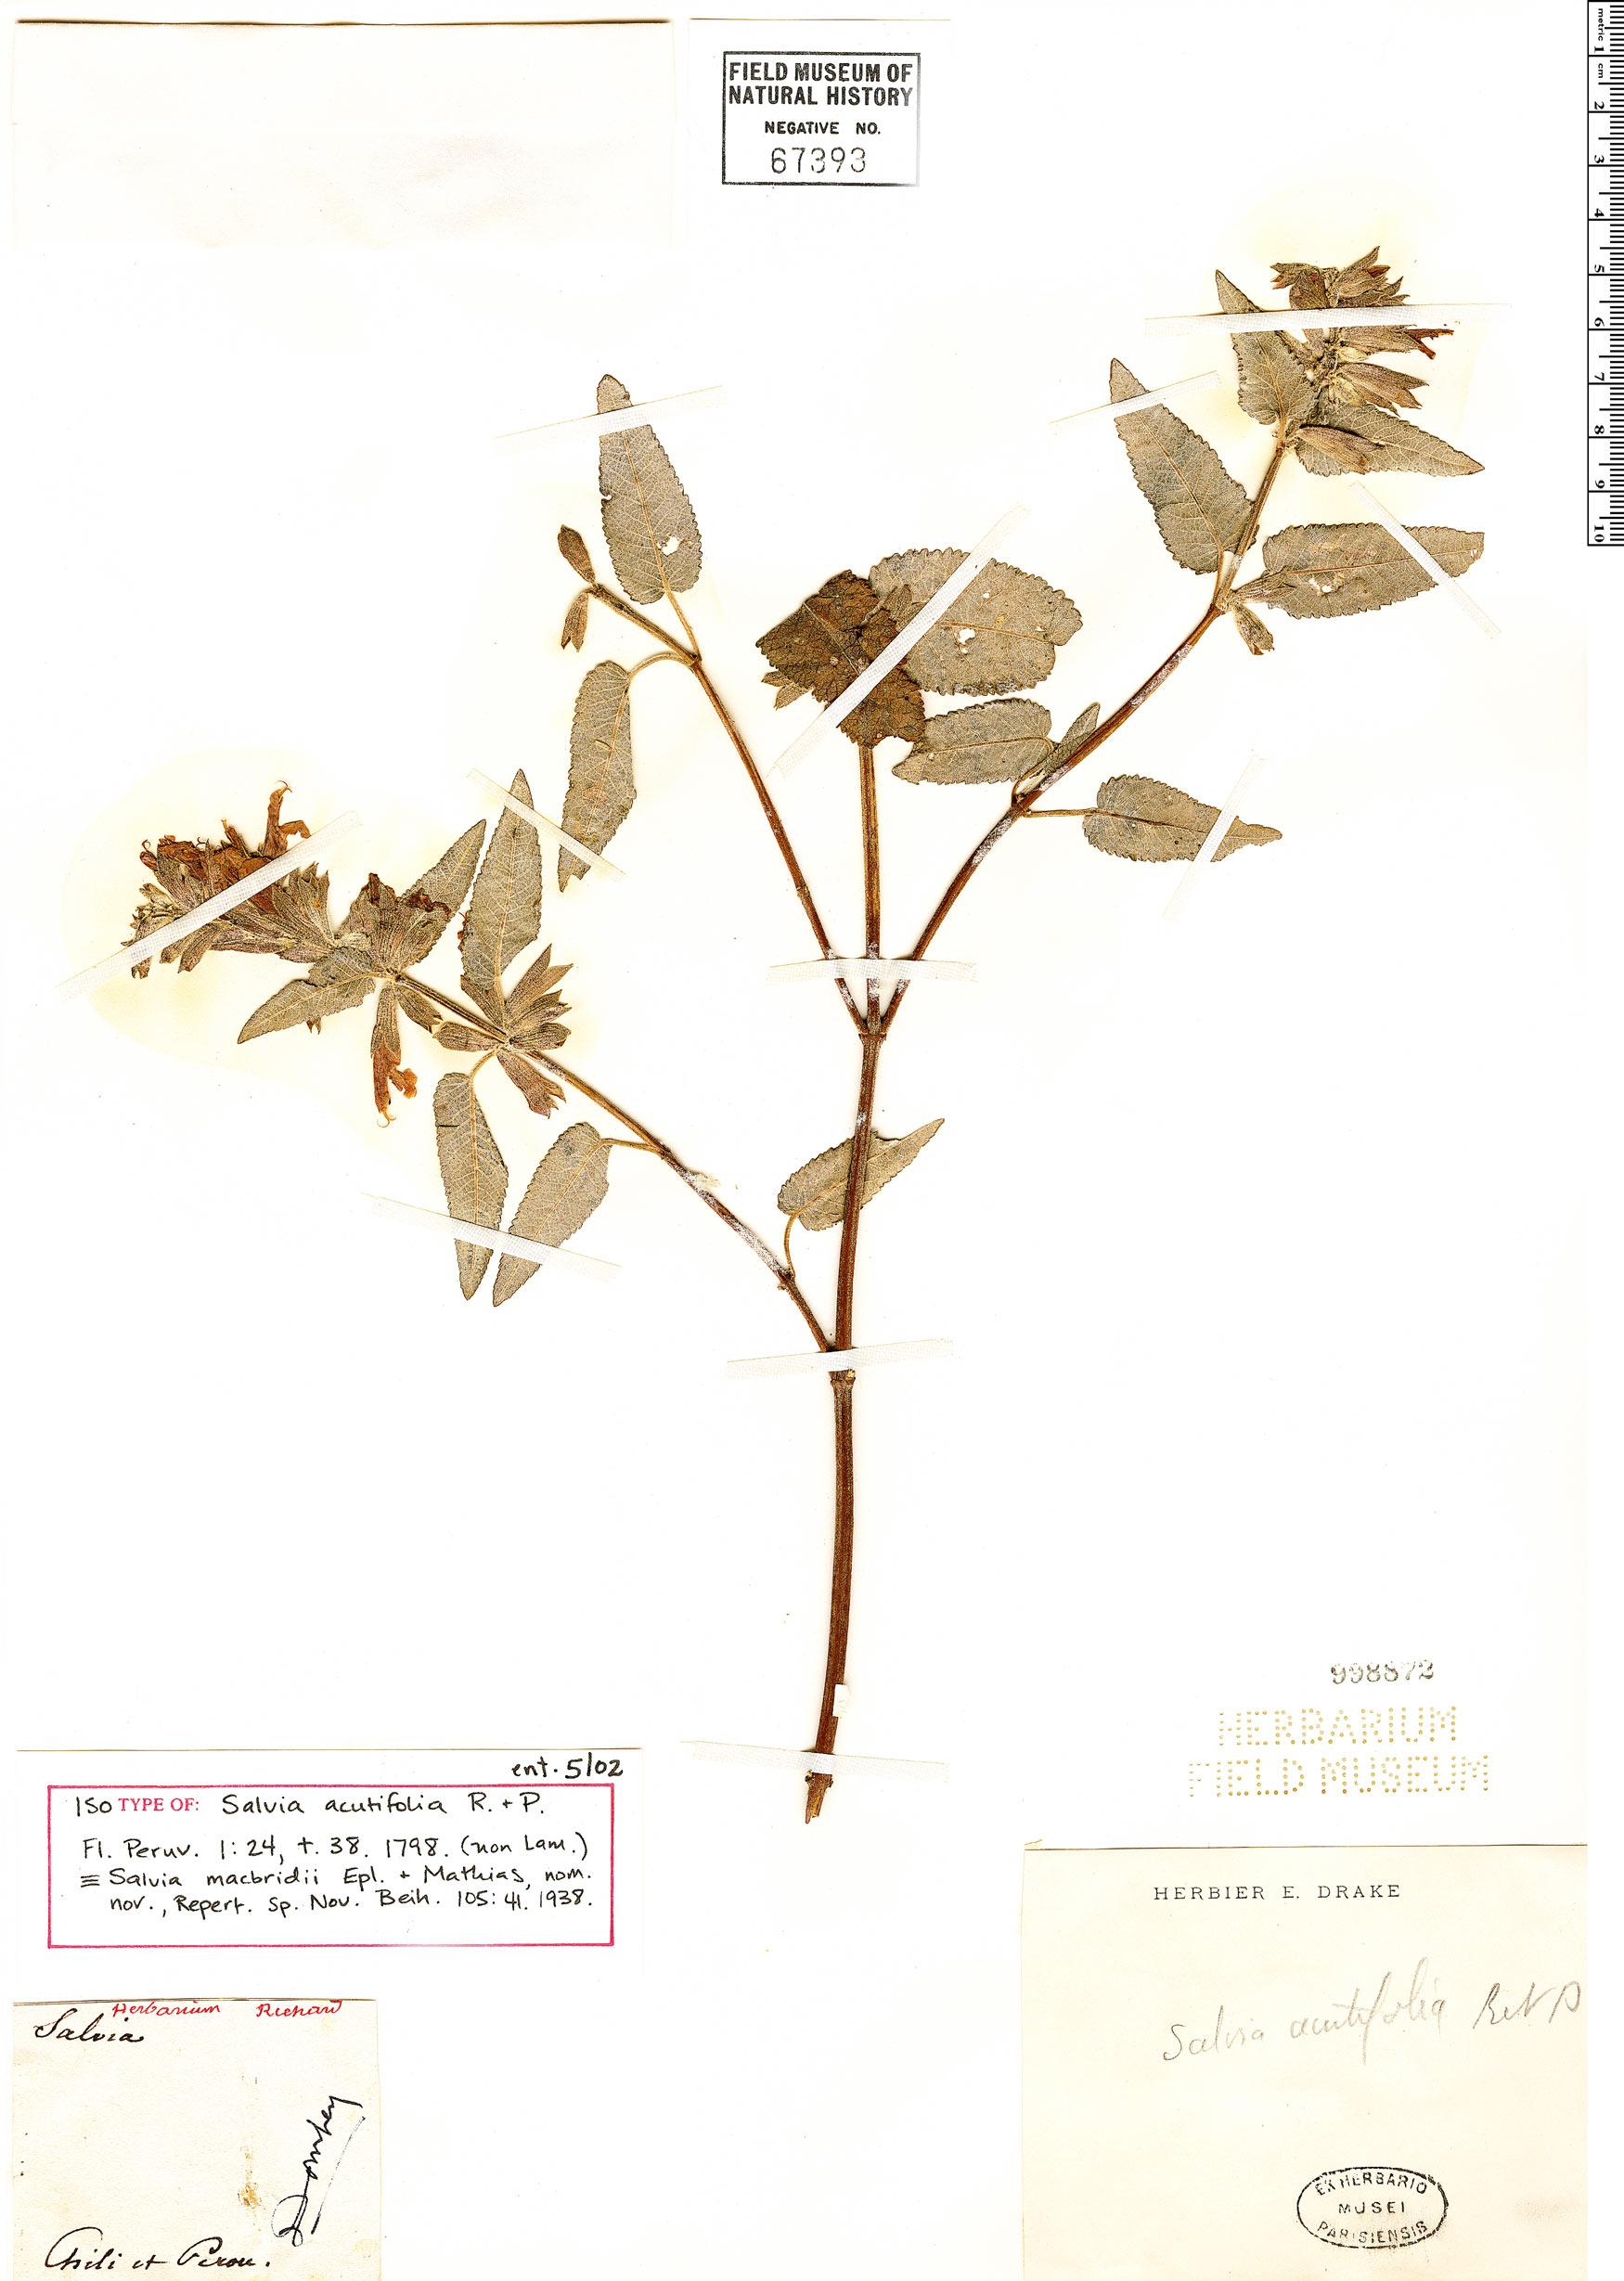 Specimen: Salvia macbridei